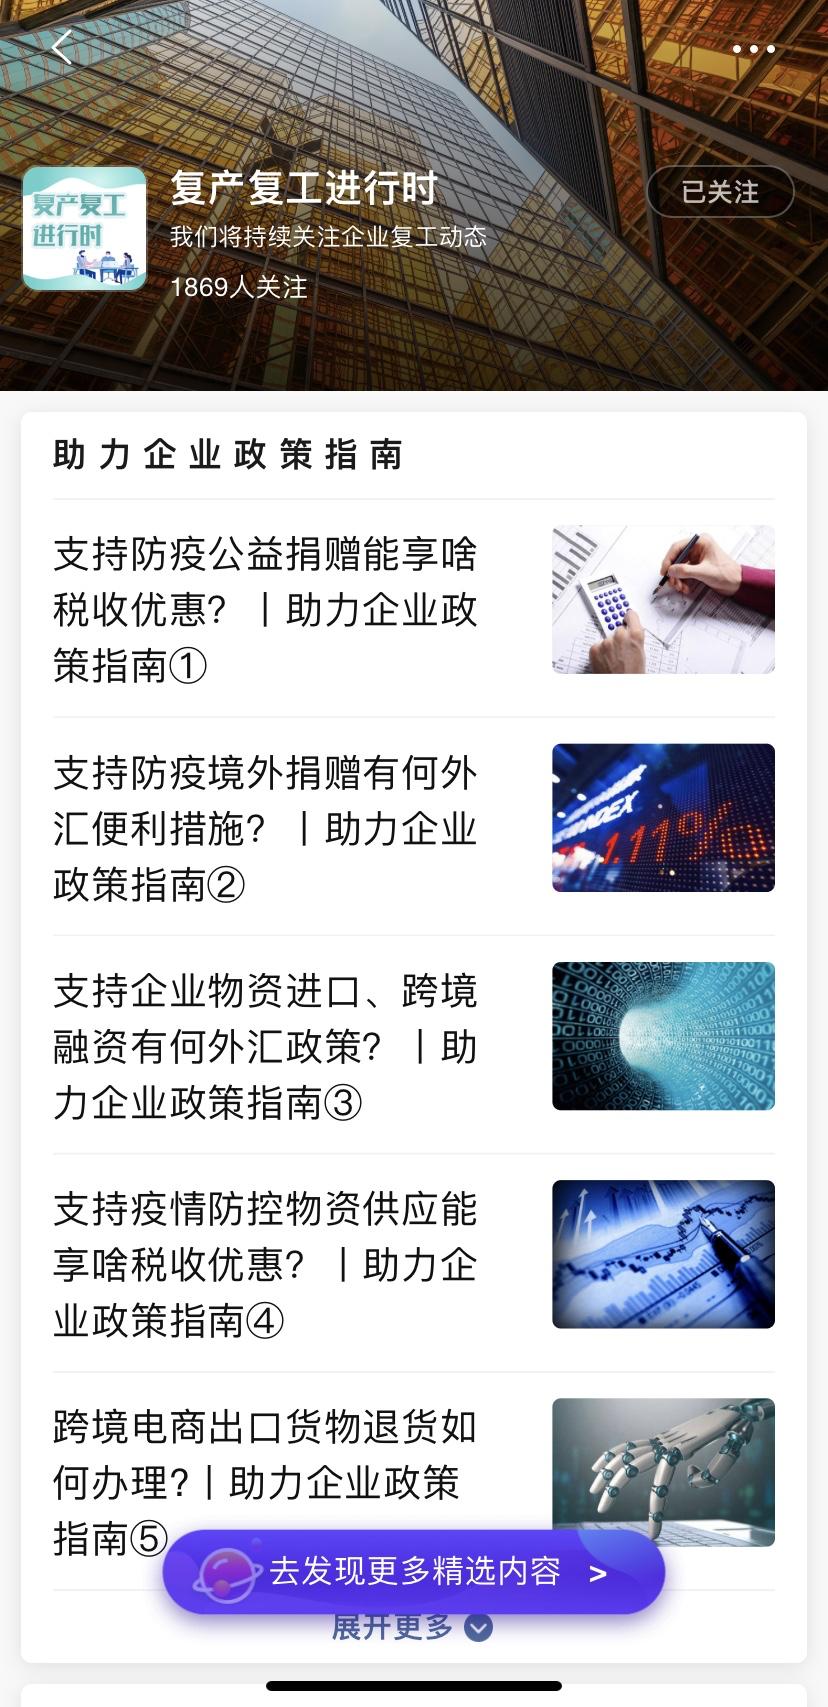 新浪新闻App携手经济日报客户端 助力企业有序复工复产